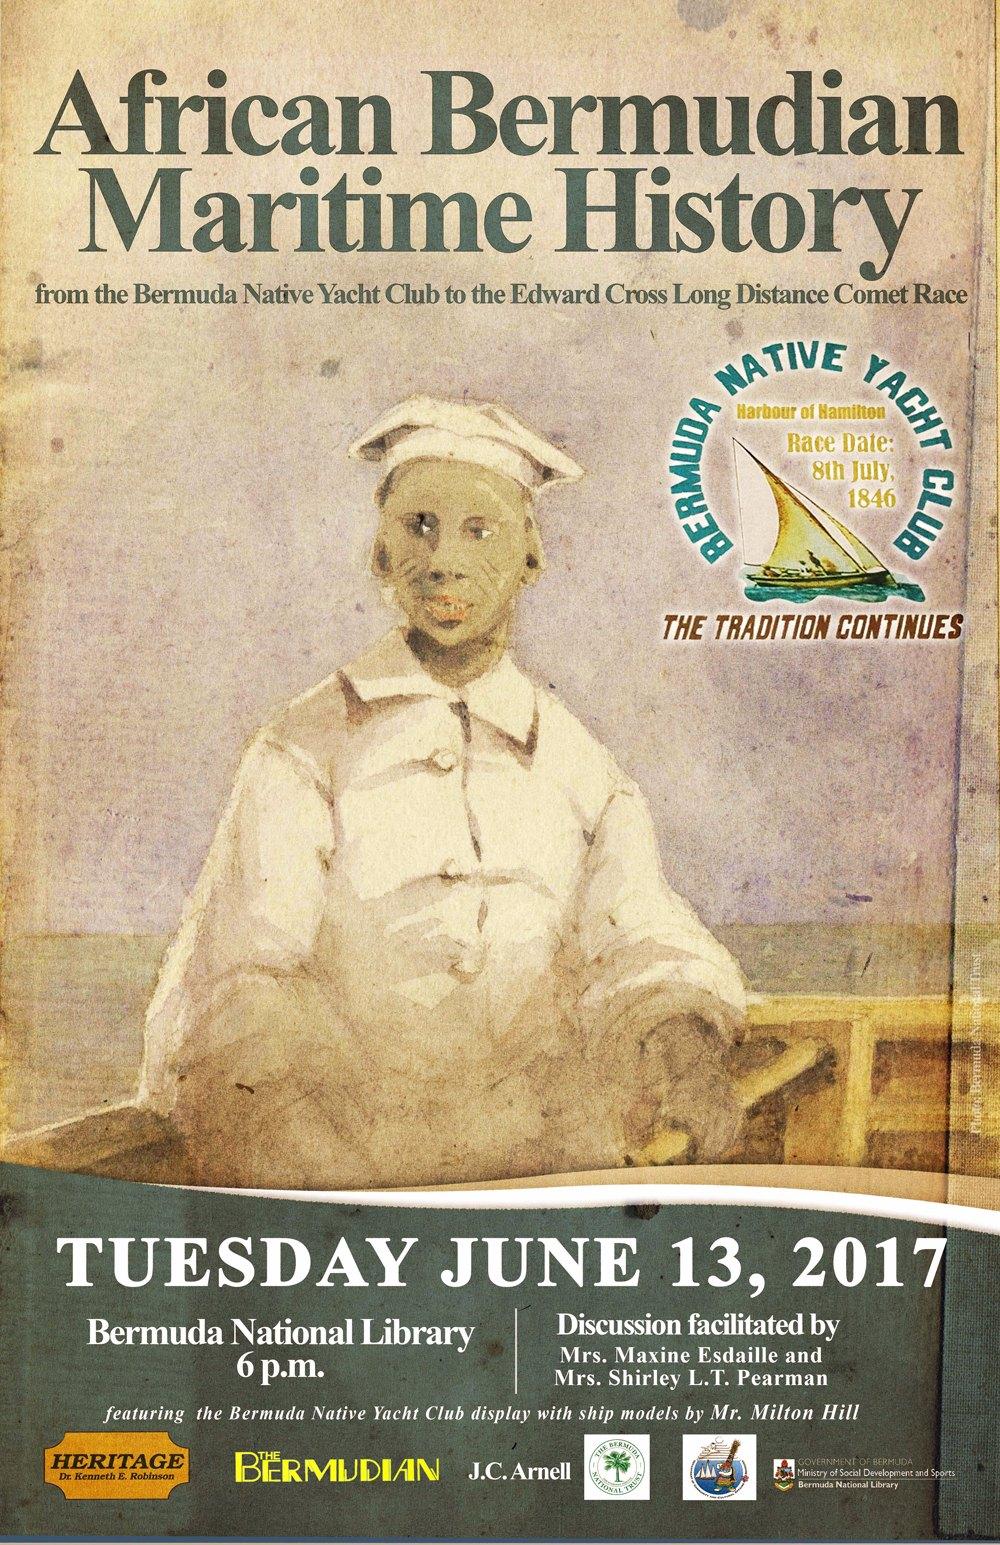 African Bermudian Maritime History - June 9 2017